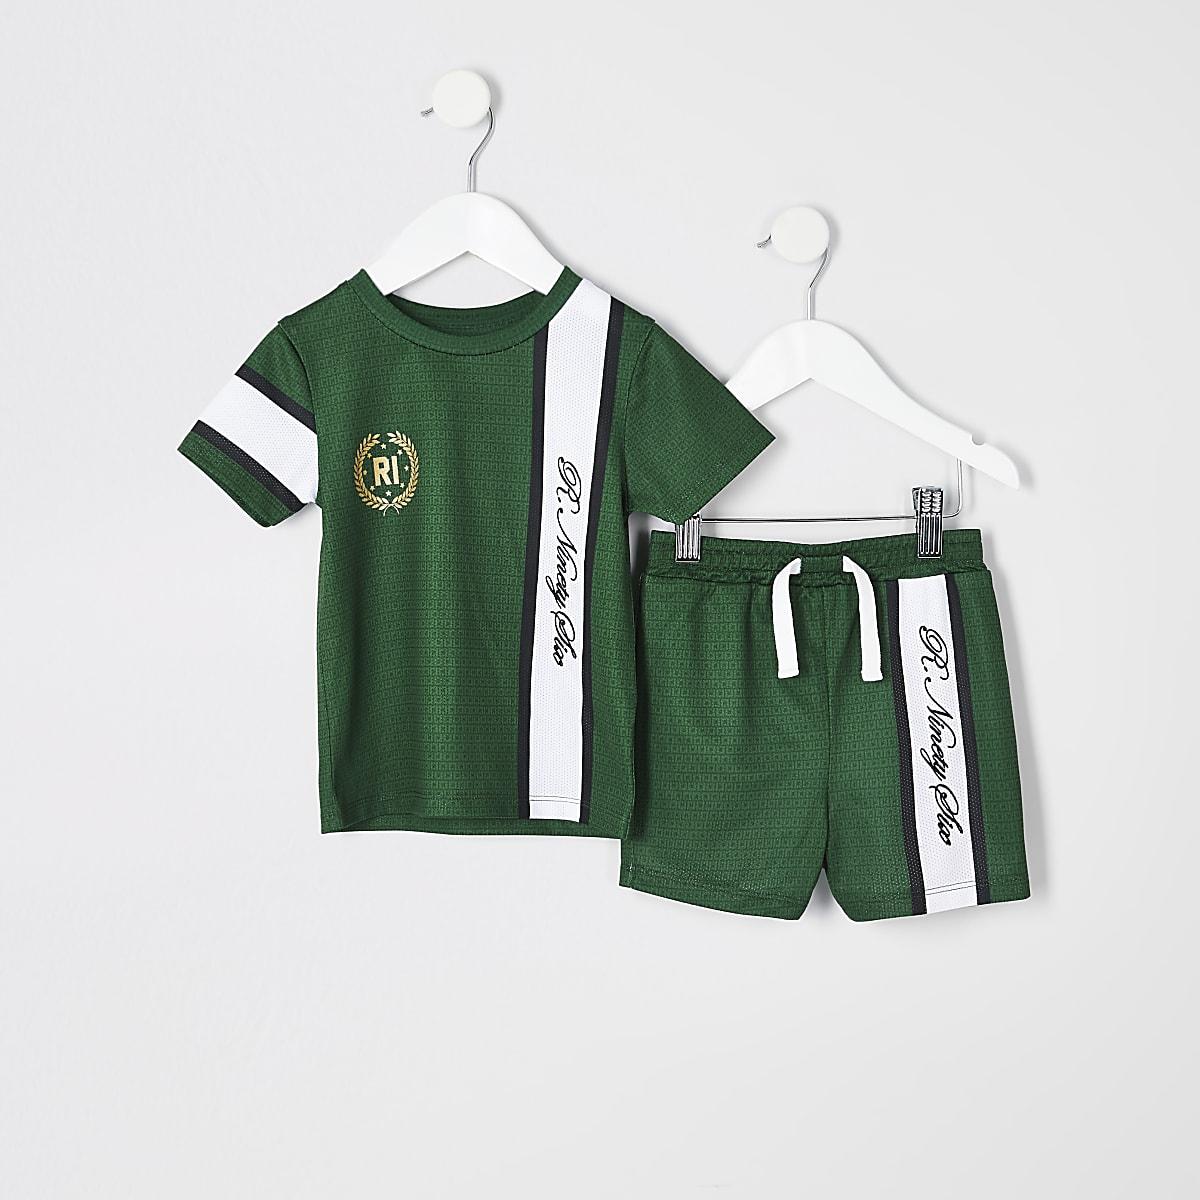 Mini - Outfit met groen R96 T-shirt voor jongens